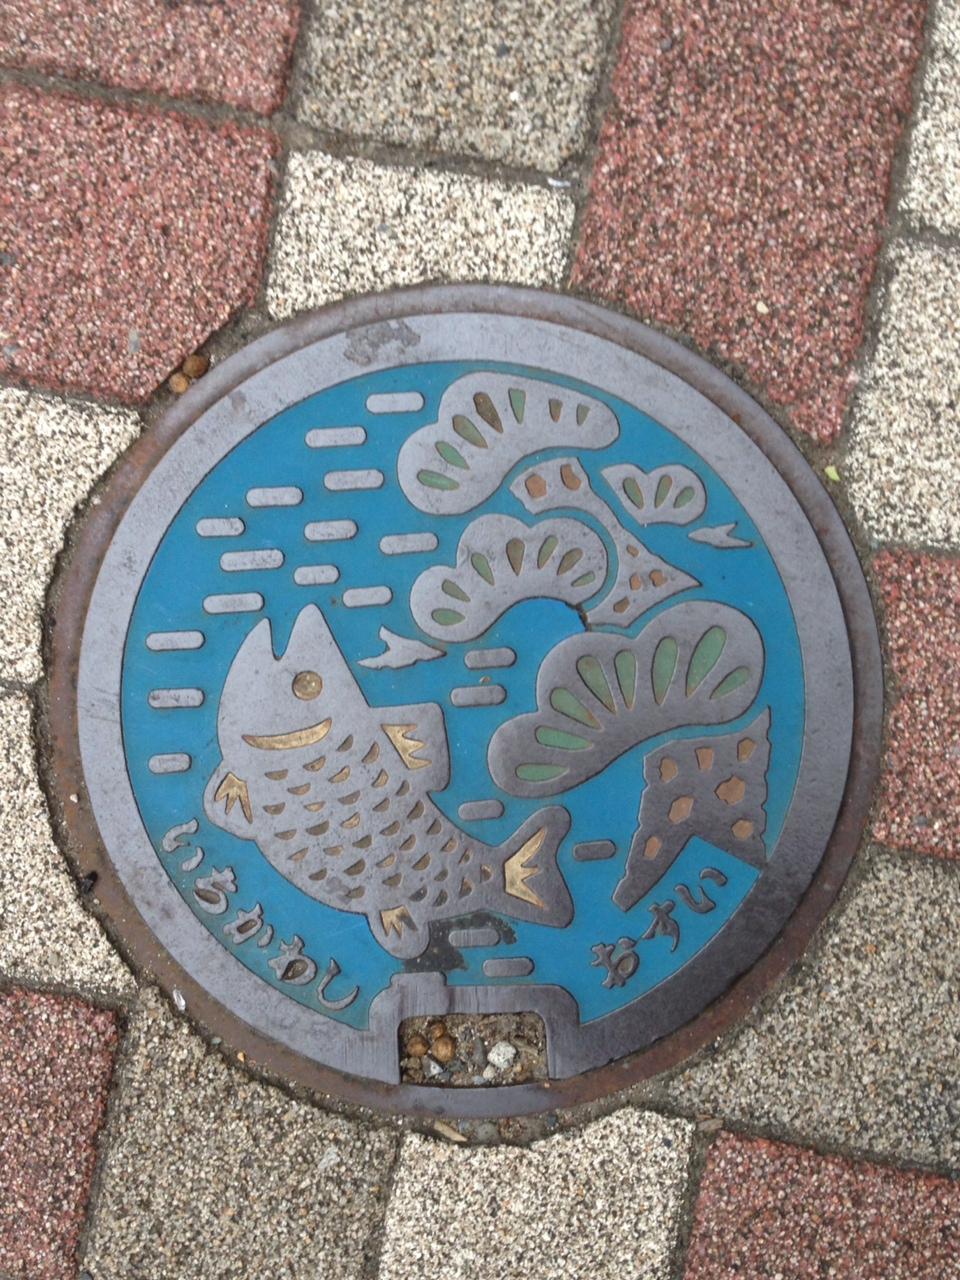 ICHIKAWA-CHIBA-4